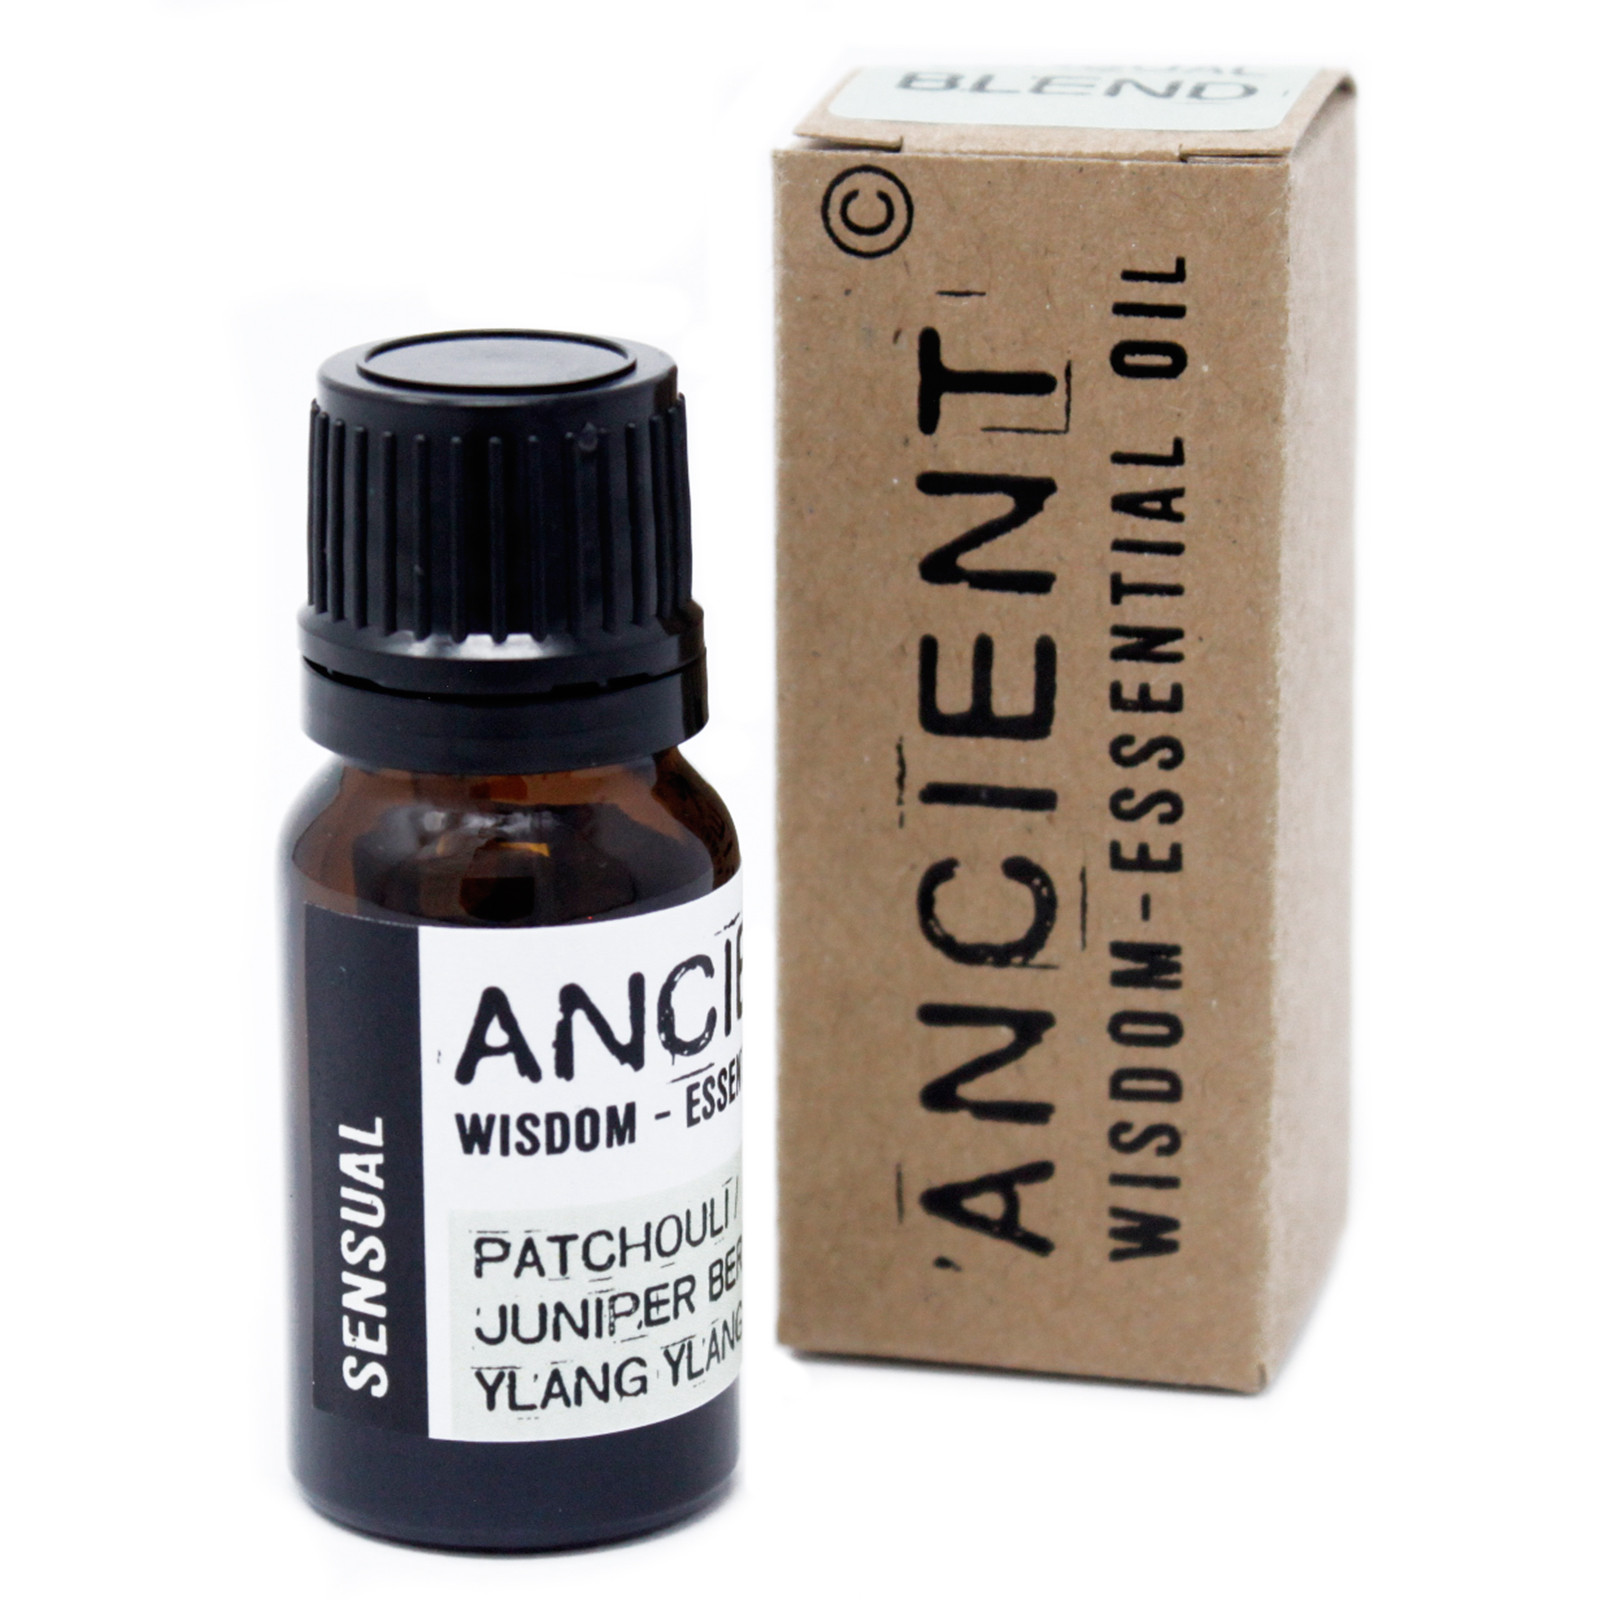 Sensual Essential Oil Blend Boxed 10ml